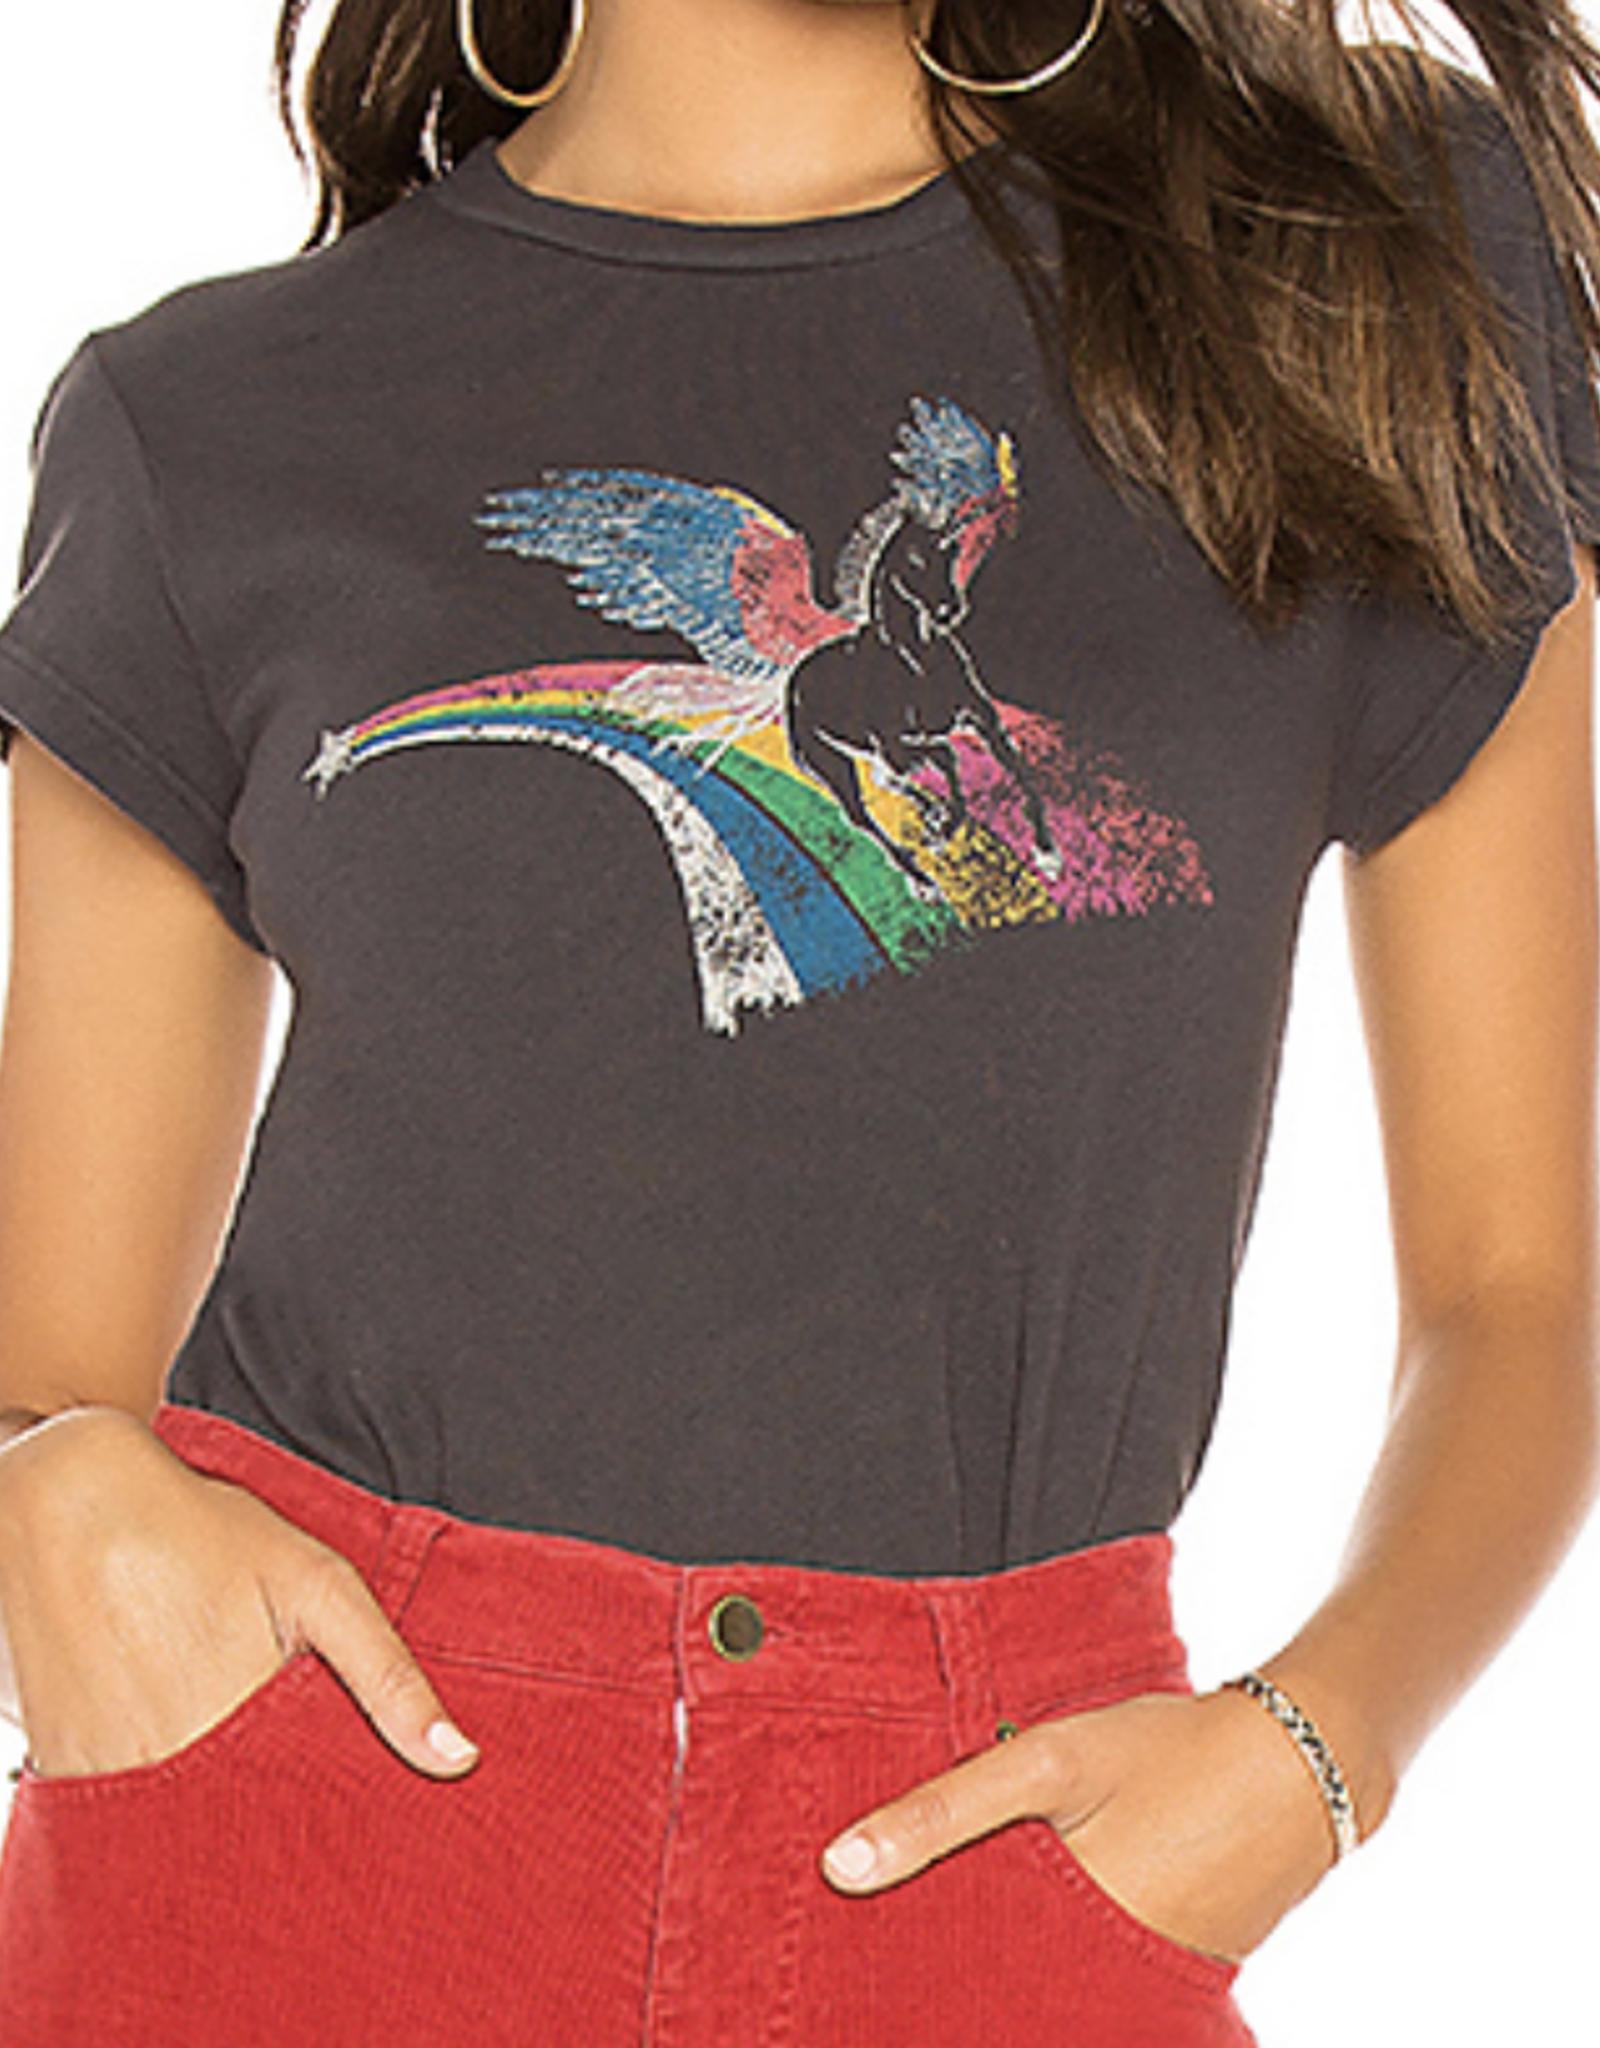 Pam & Gela Vintage Black Crew Neck Tee Unicorn